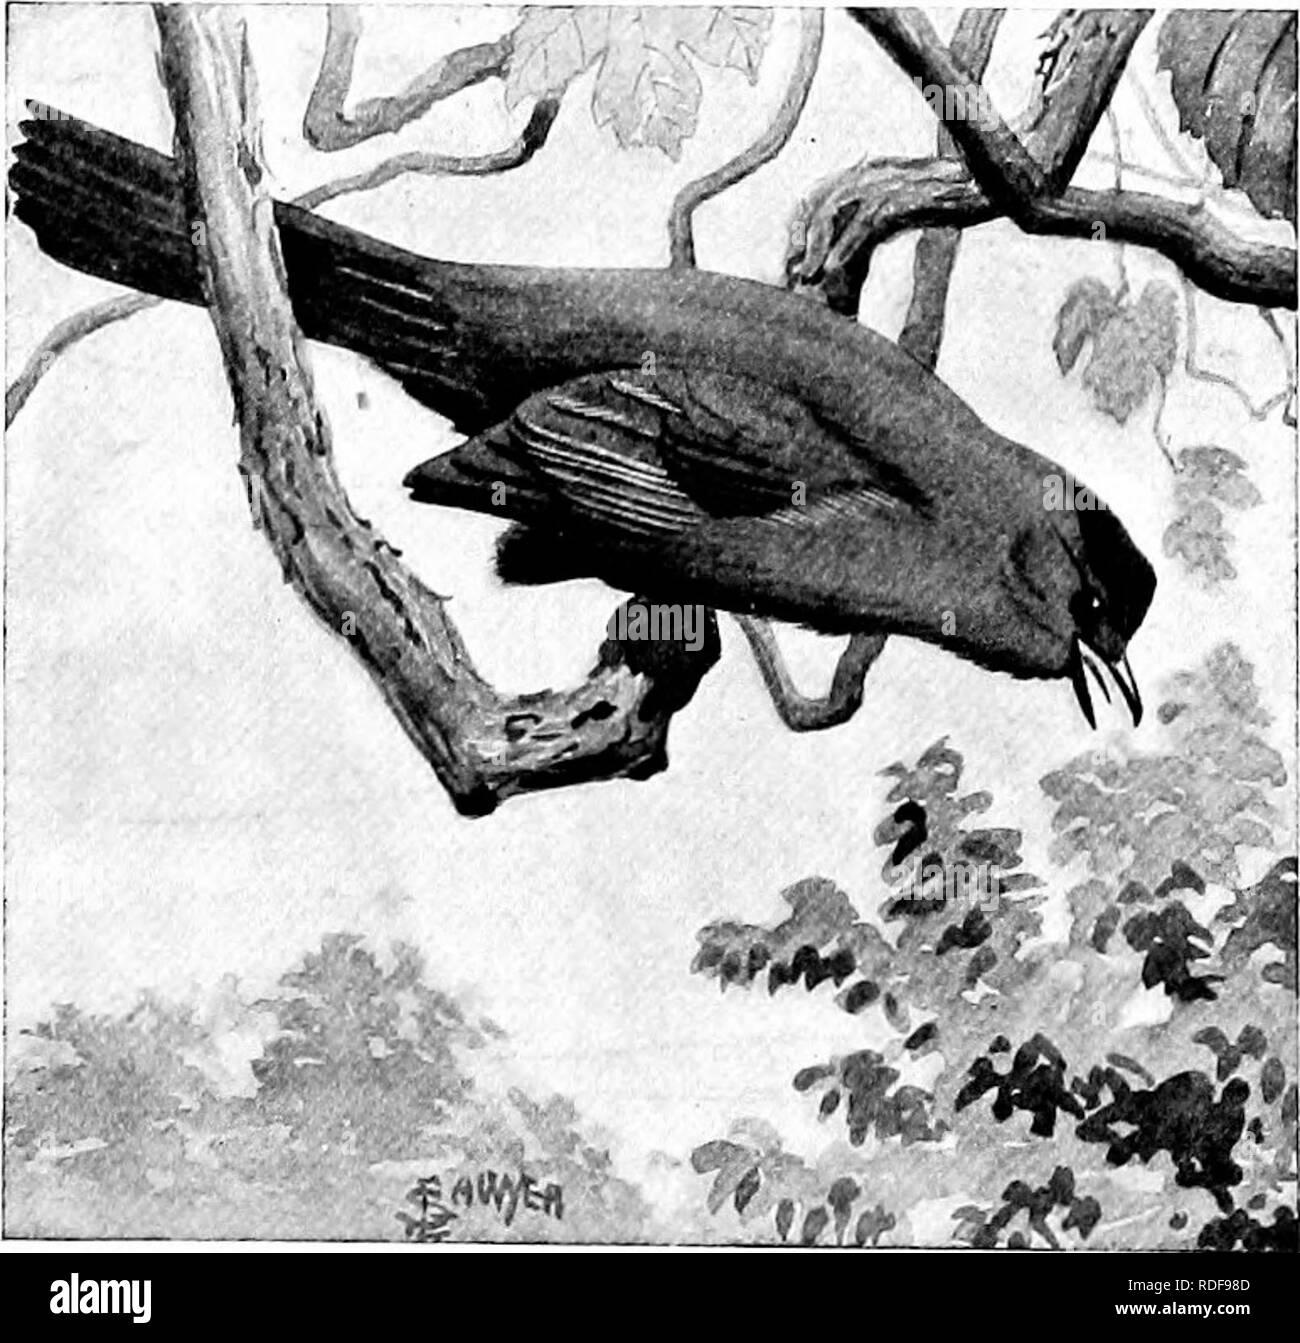 . L'American Natural History; una base di conoscenze utili degli animali superiori del Nord America. Storia naturale. Casa-WREN. iike la plaintive mew di un semi-cresciute gattino. La sua prevalente è di colore scuro, slaty grigio. Il Mocking-Bird,i degli stati a sud del fiume Ohio, è una meraviglia di canto. Si tratta di un piccolo fascio di nervi, coperto con modesti scialbi piume e la sua gola è sintonizzato fino al passo di concerto. Quando è silenzioso, può essere riconosciuta dal suo corpo sottile lungo le gambe e lunga coda; ma quando si tratta di cantare, solo un sordo ha bisogno di un'in- lessici tematici interforze. Questo uccello può anche essere riconosciuto b Immagini Stock